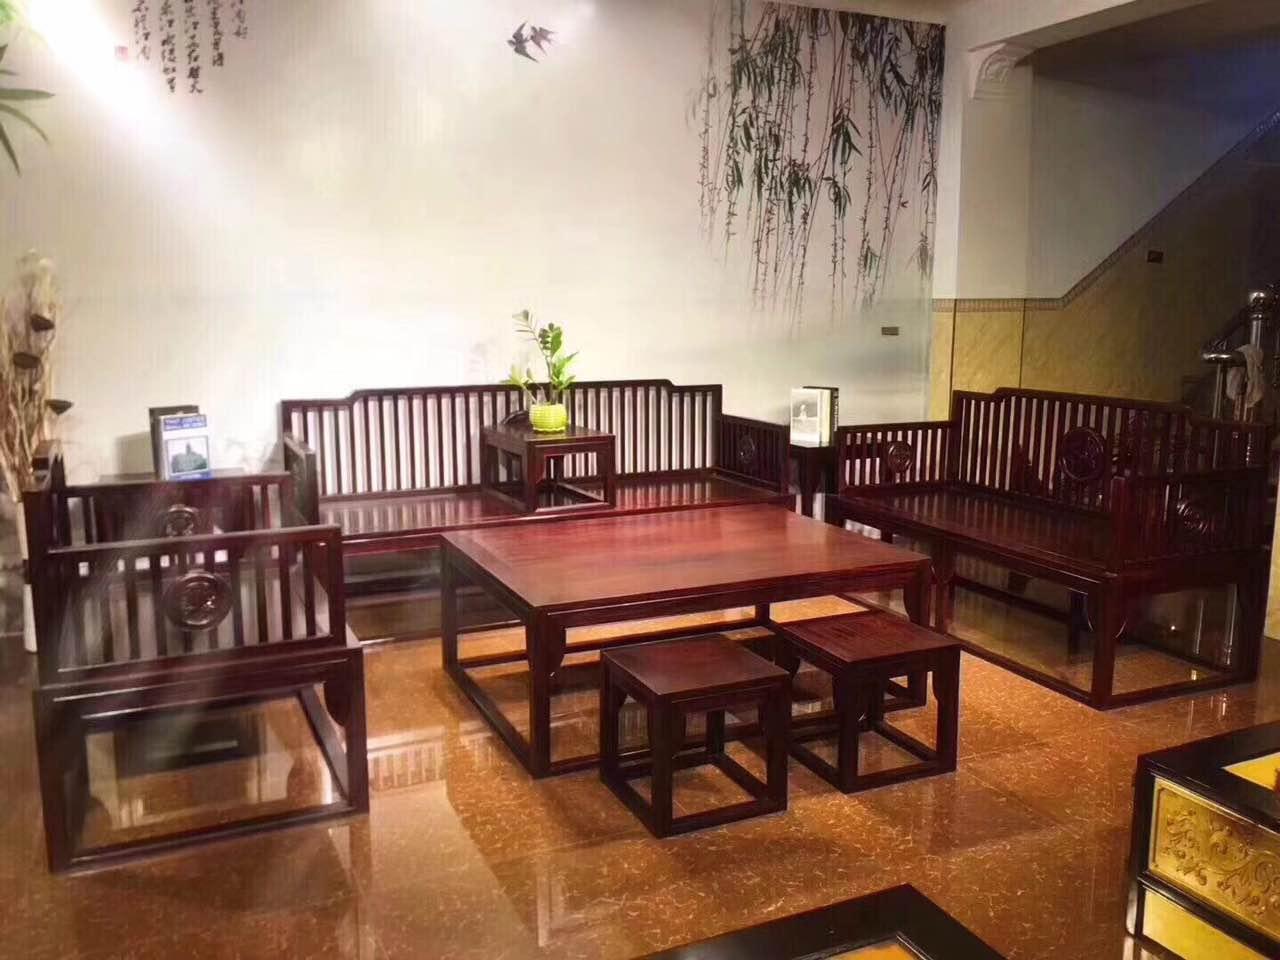 赞比亚小叶成为下一个大红酸枝甚至地址紫檀紫檀老周红木家具图片